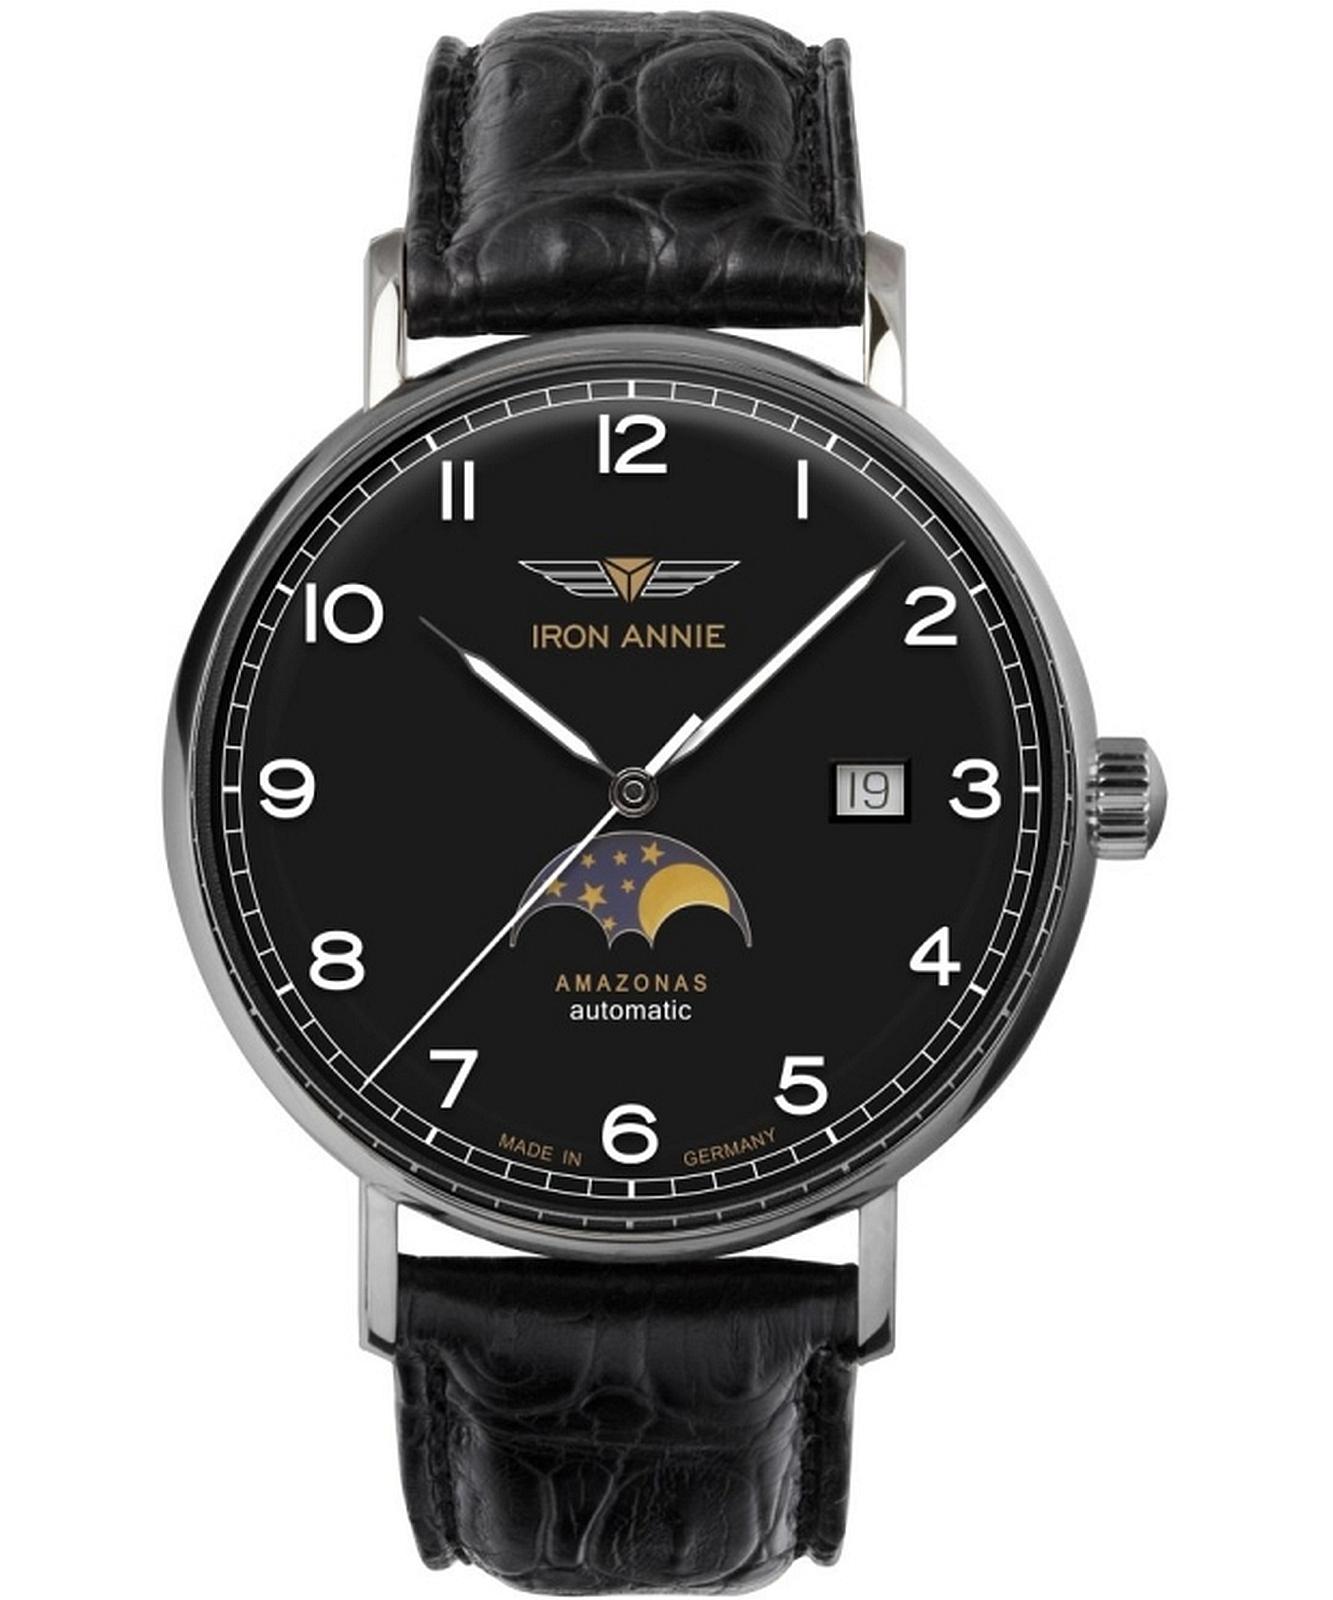 zegarek-meski-iron-annie-d-aqui-amazonas-automatik-ia-5908-2